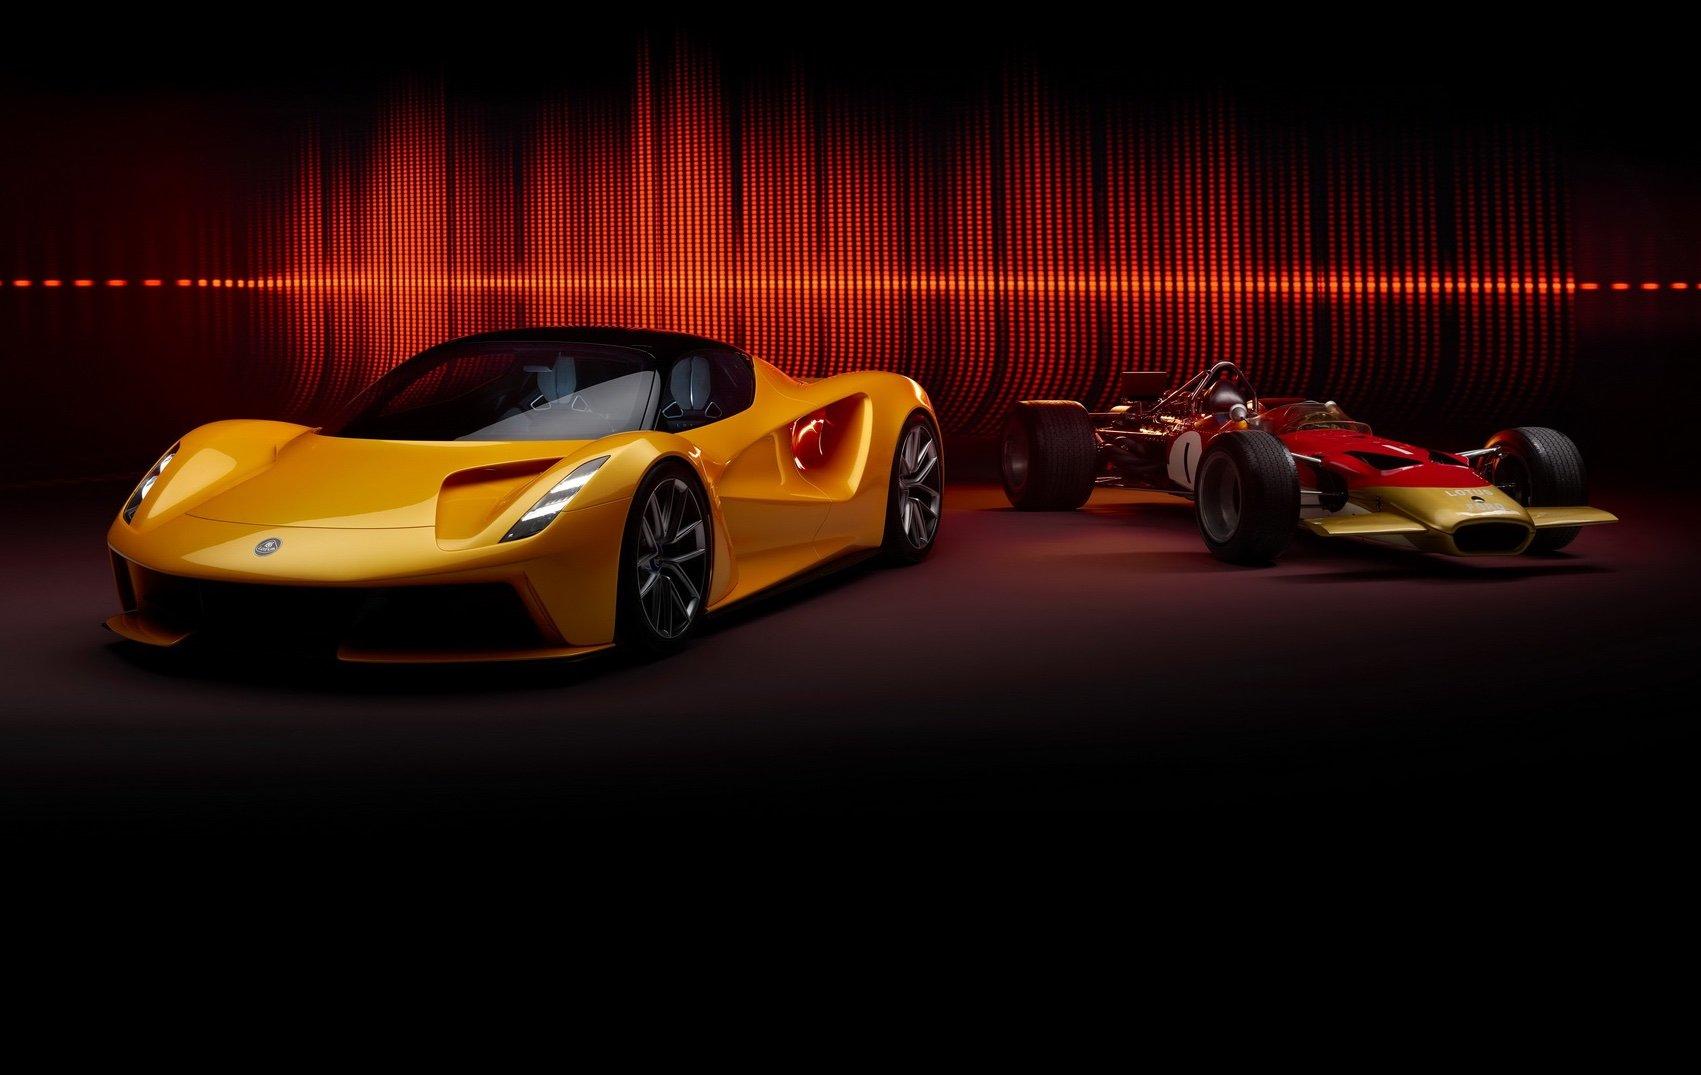 Гиперкар Lotus Evija получит звучание исторического болида Формулы-1 (видео)